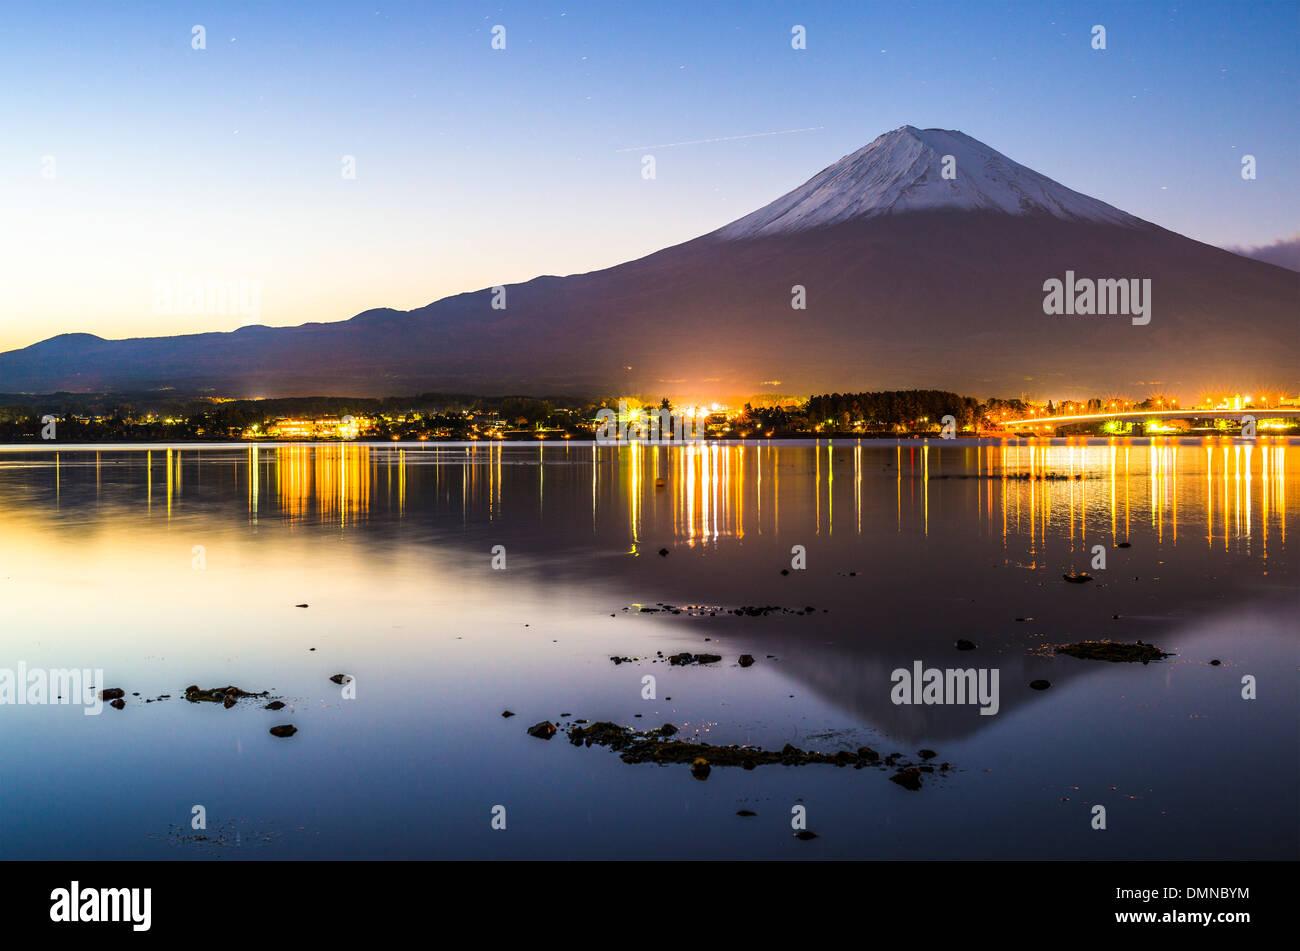 Mt. Fuji at dusk over Lake Kawaguchi in Japan. - Stock Image